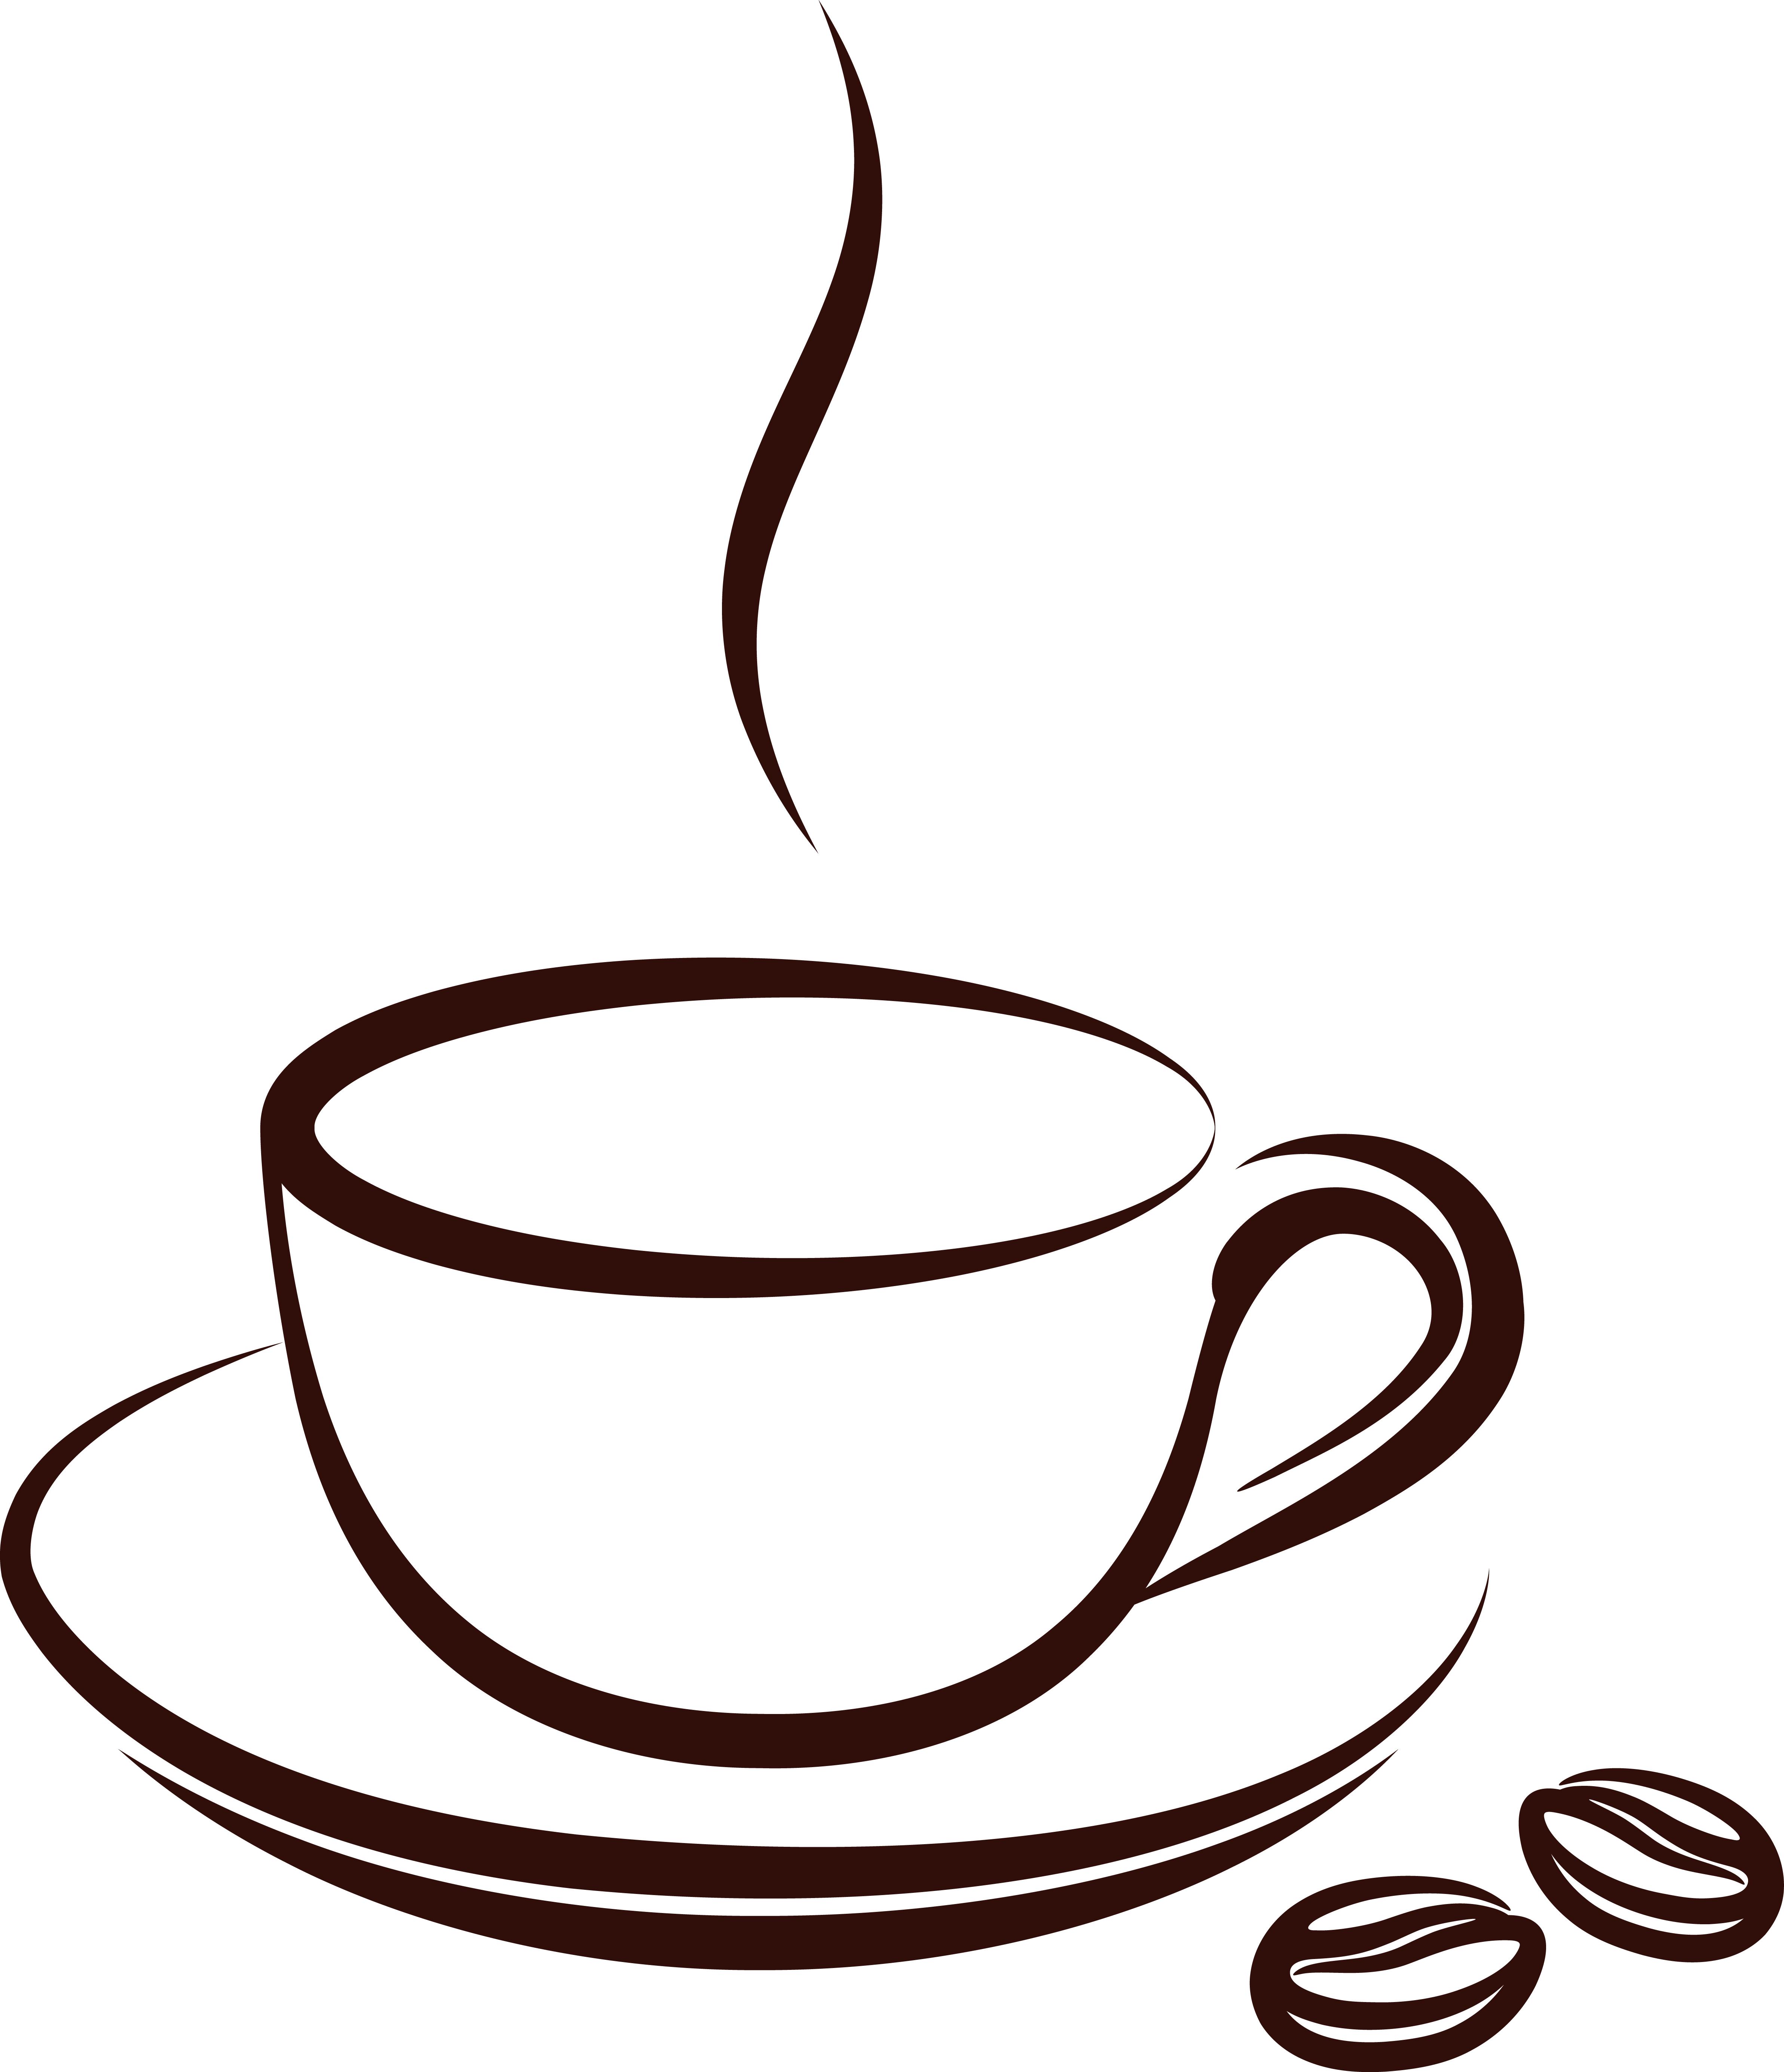 Drawn coffee Nice Sweet a for Nice